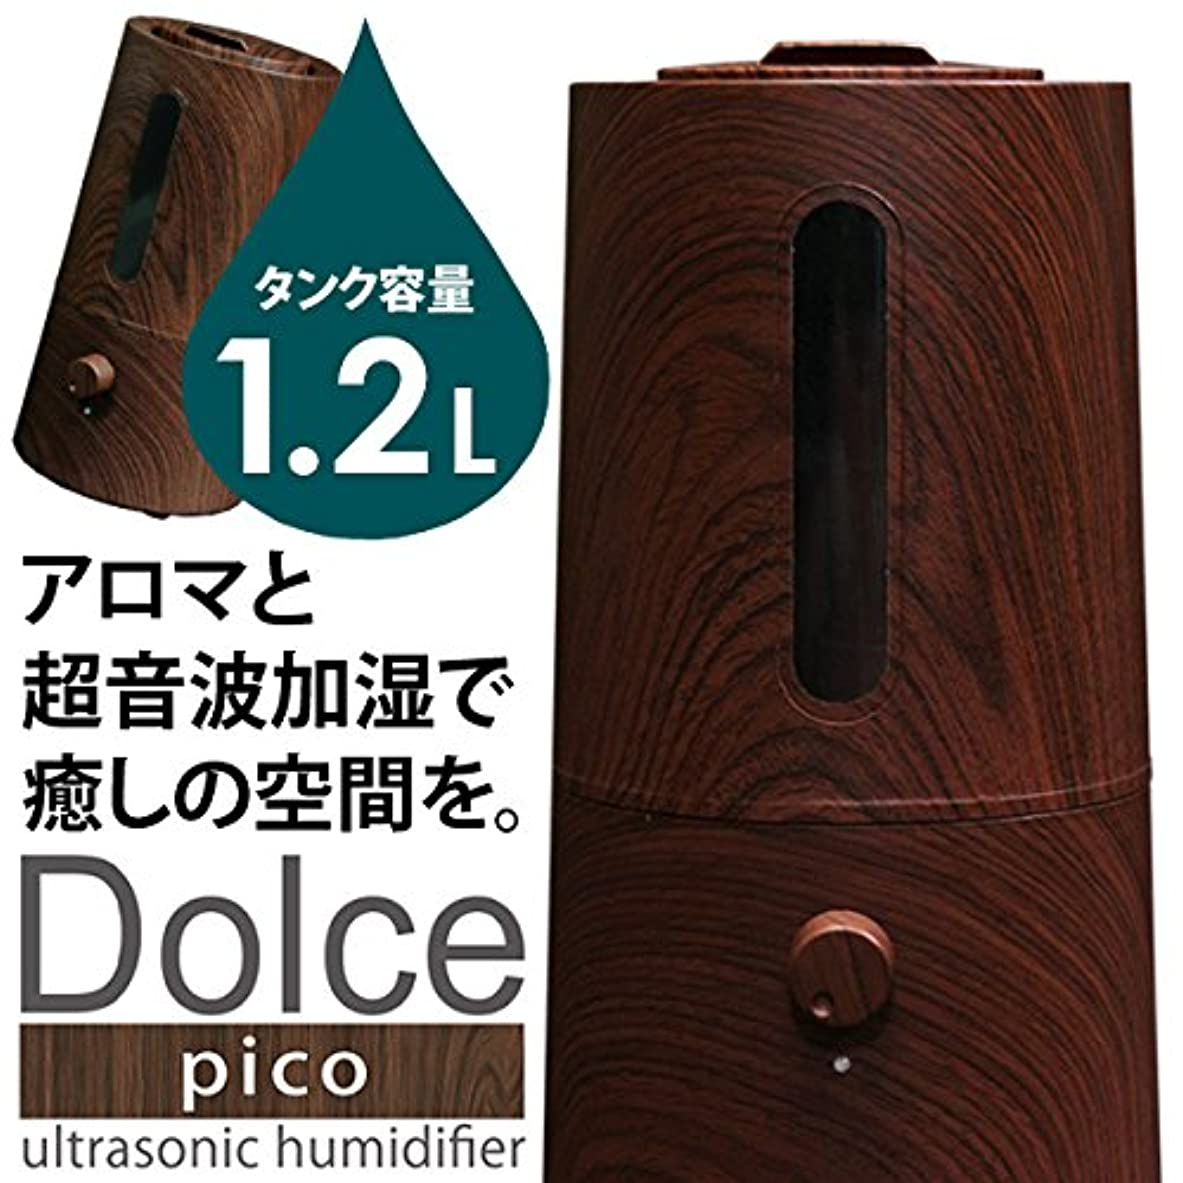 ホテル本仕立て屋超音波加湿器Dolce pico ドルチェピコ【木目調】